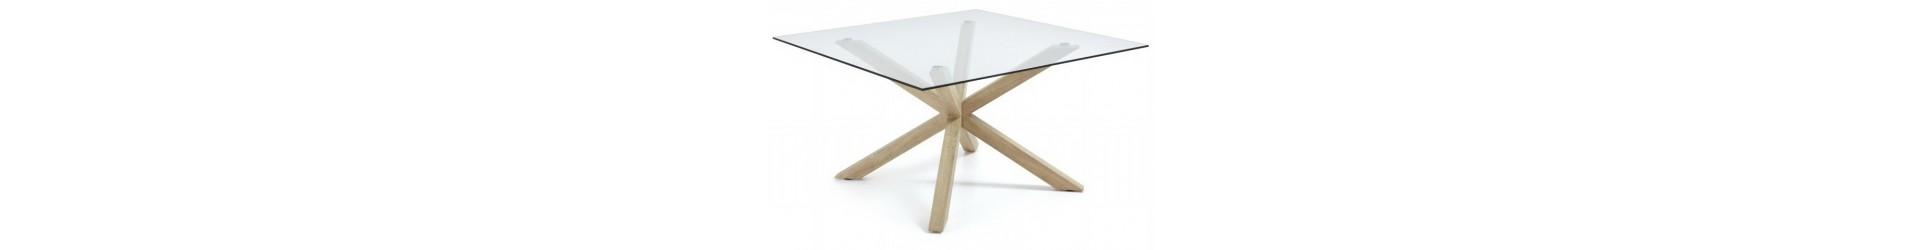 Vendita on-line di tavoli , tavoli allungabili  fissi e Su Misura,